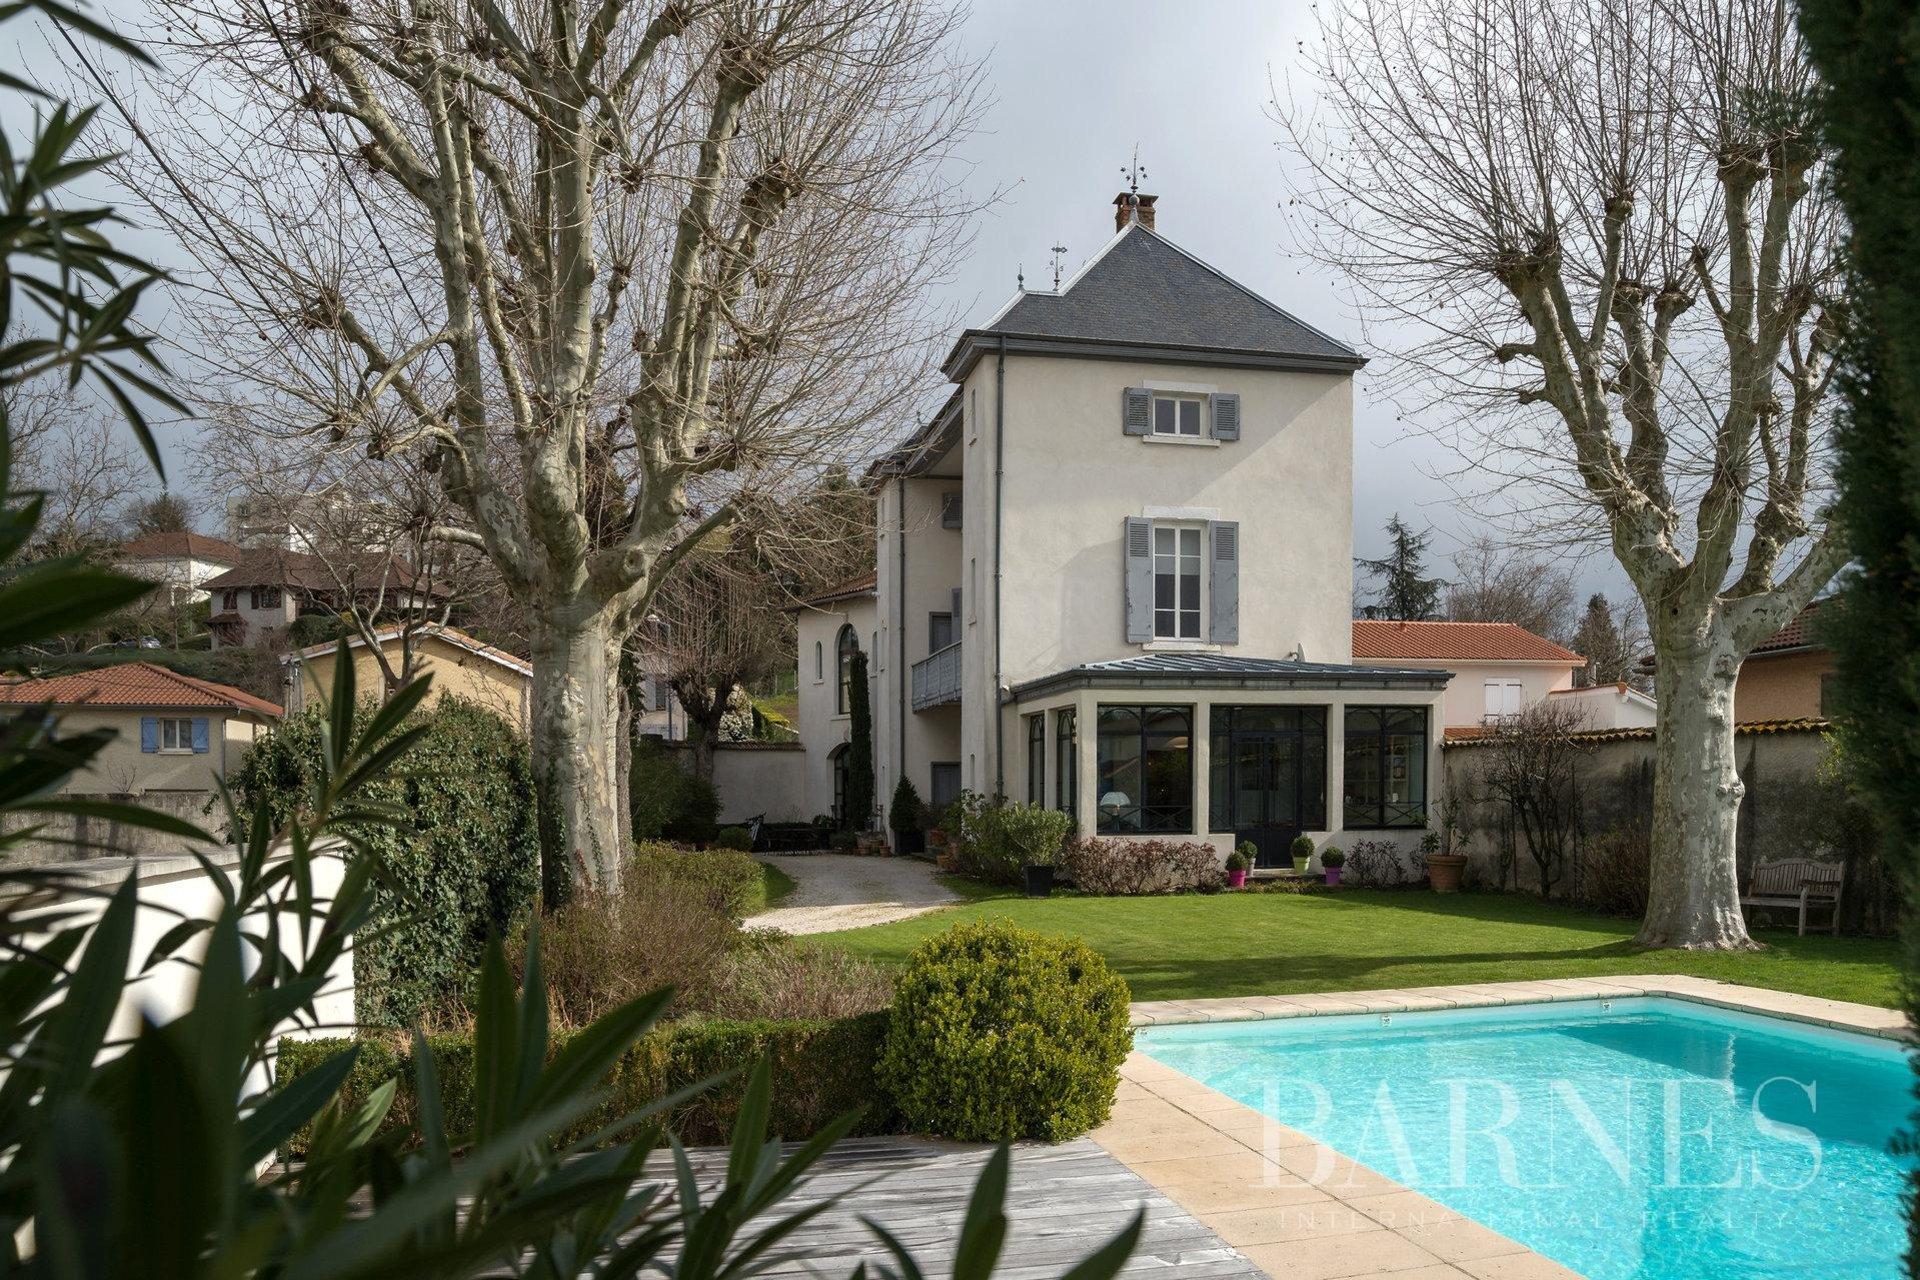 Chassieu - Maison De Caractère De 300 M² - Terrain De 795 M² ... encequiconcerne Piscine Chassieu